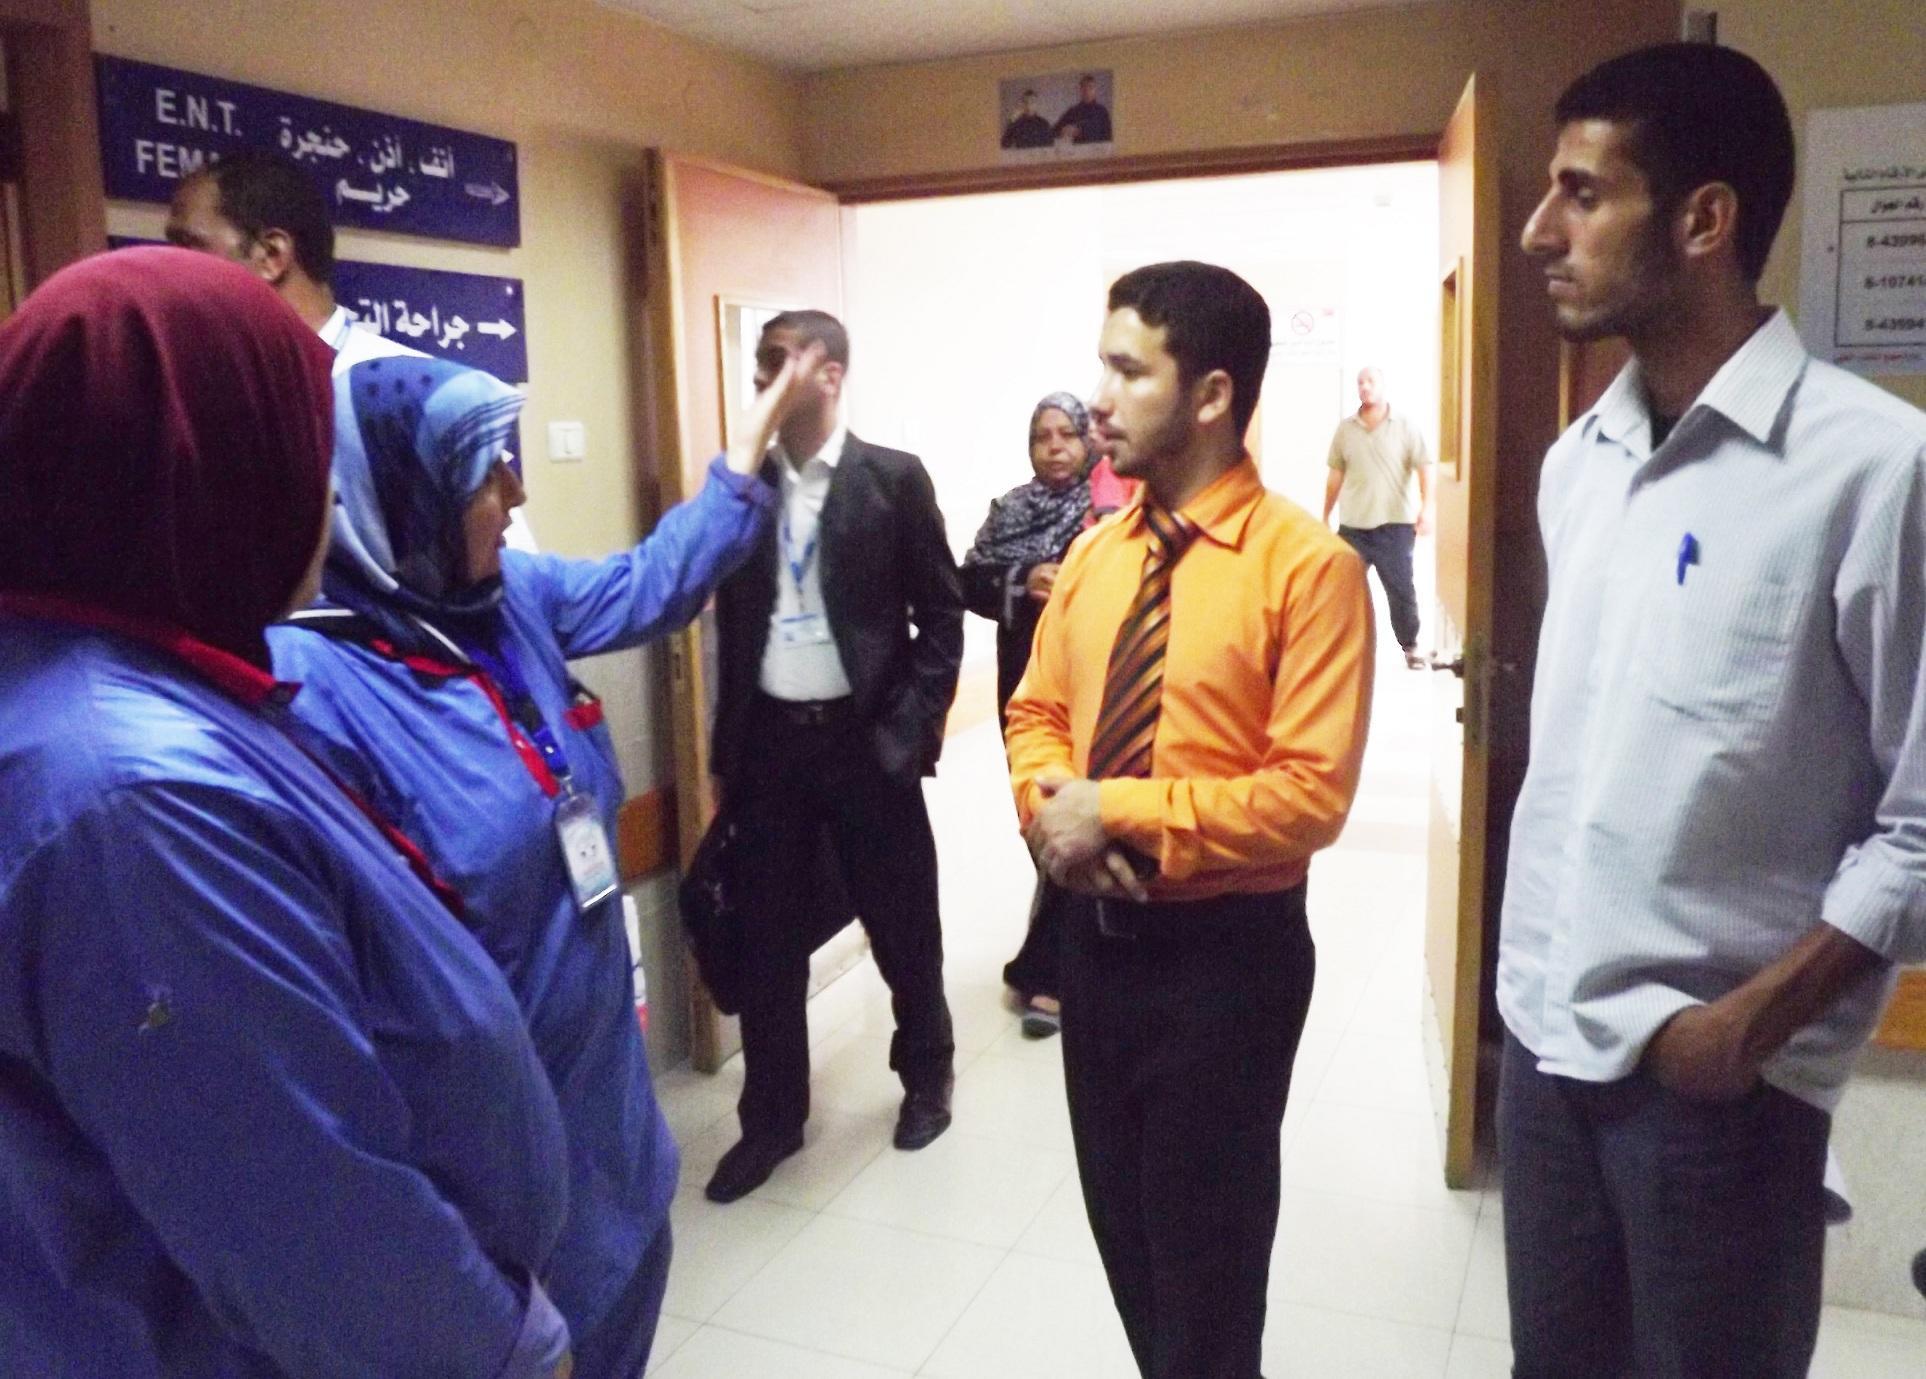 جانب من الجولة التفقدية لعمال النظافة بمستشفى الشفاء